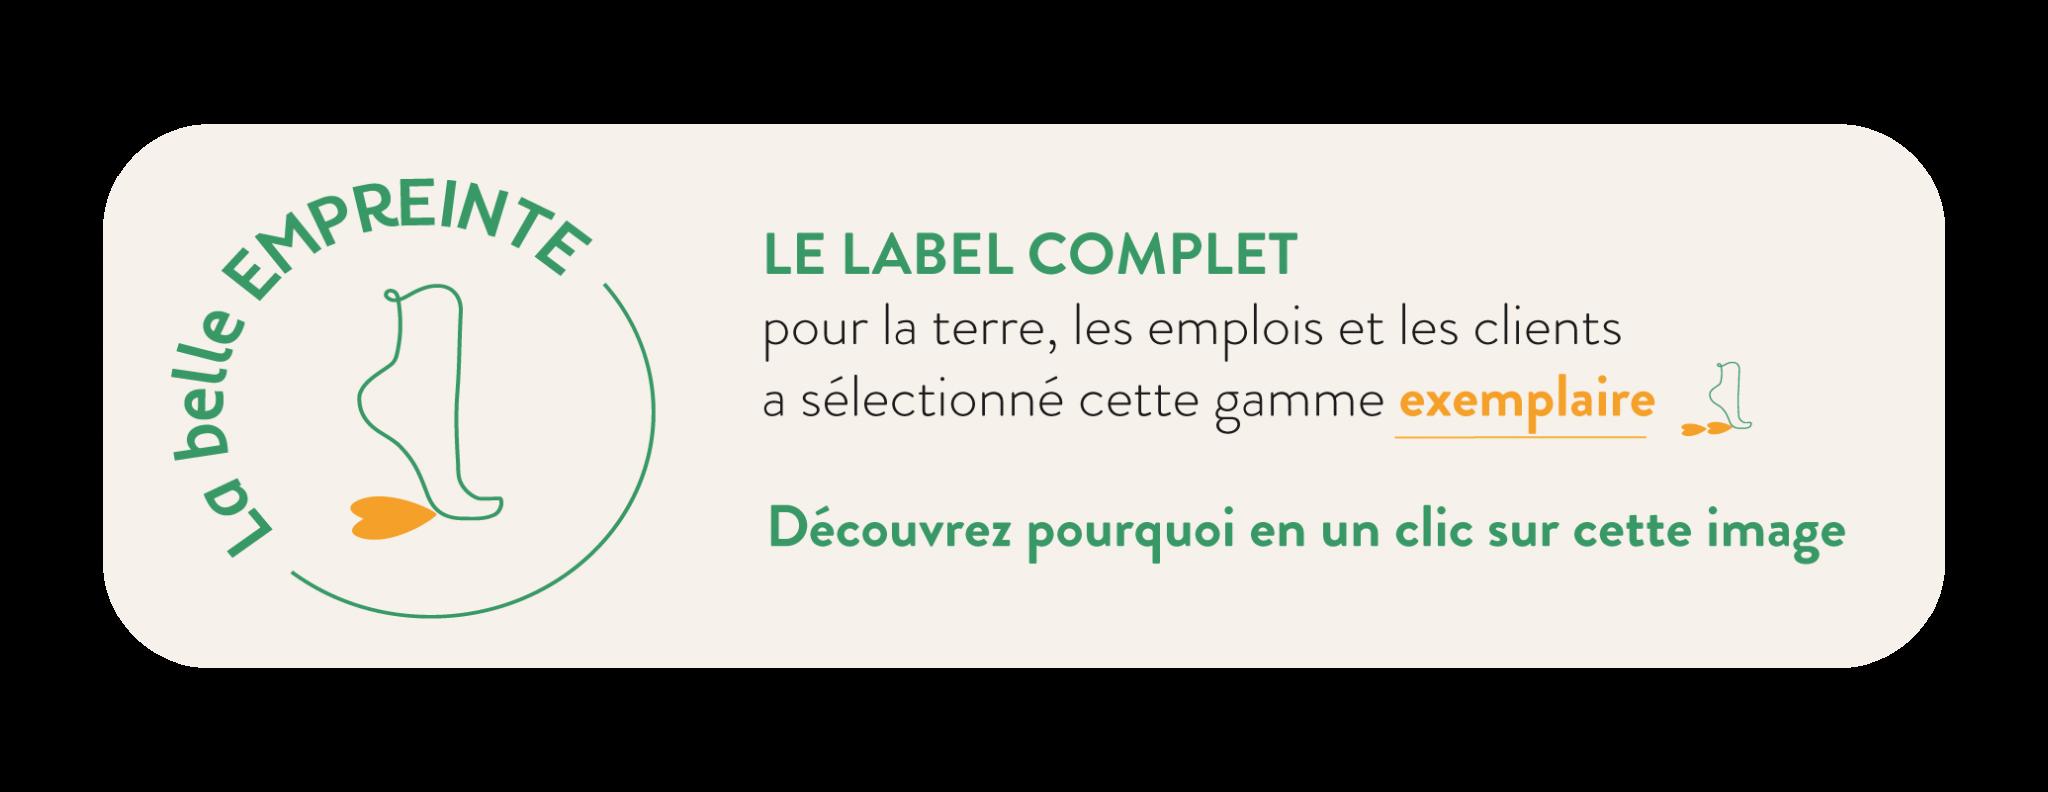 Label La Belle Empreinte, le label complet pour la terre, les emplois et les clients